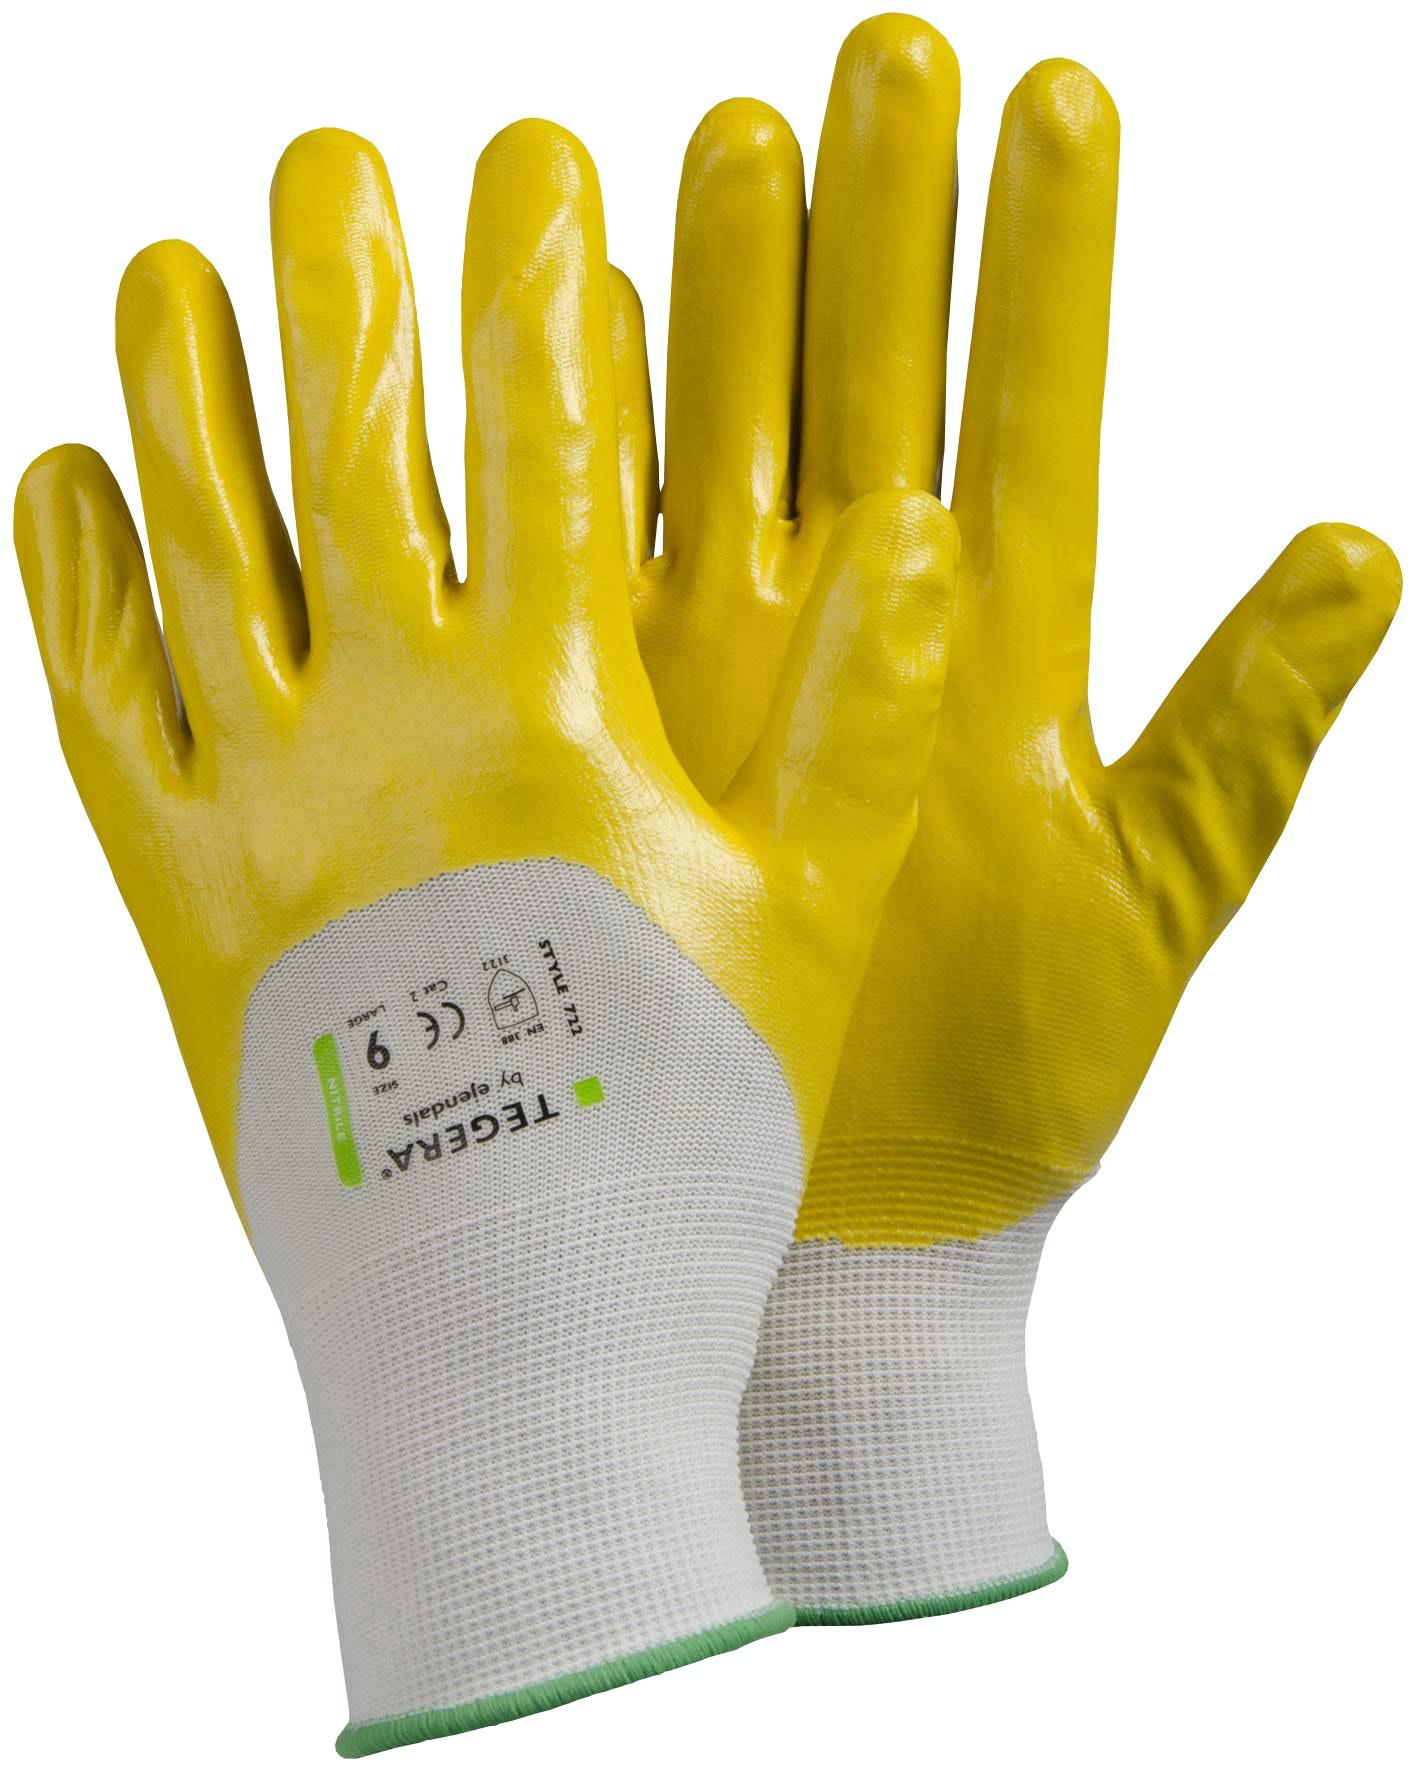 Handskar Tegera Nitrildoppad Stl 8